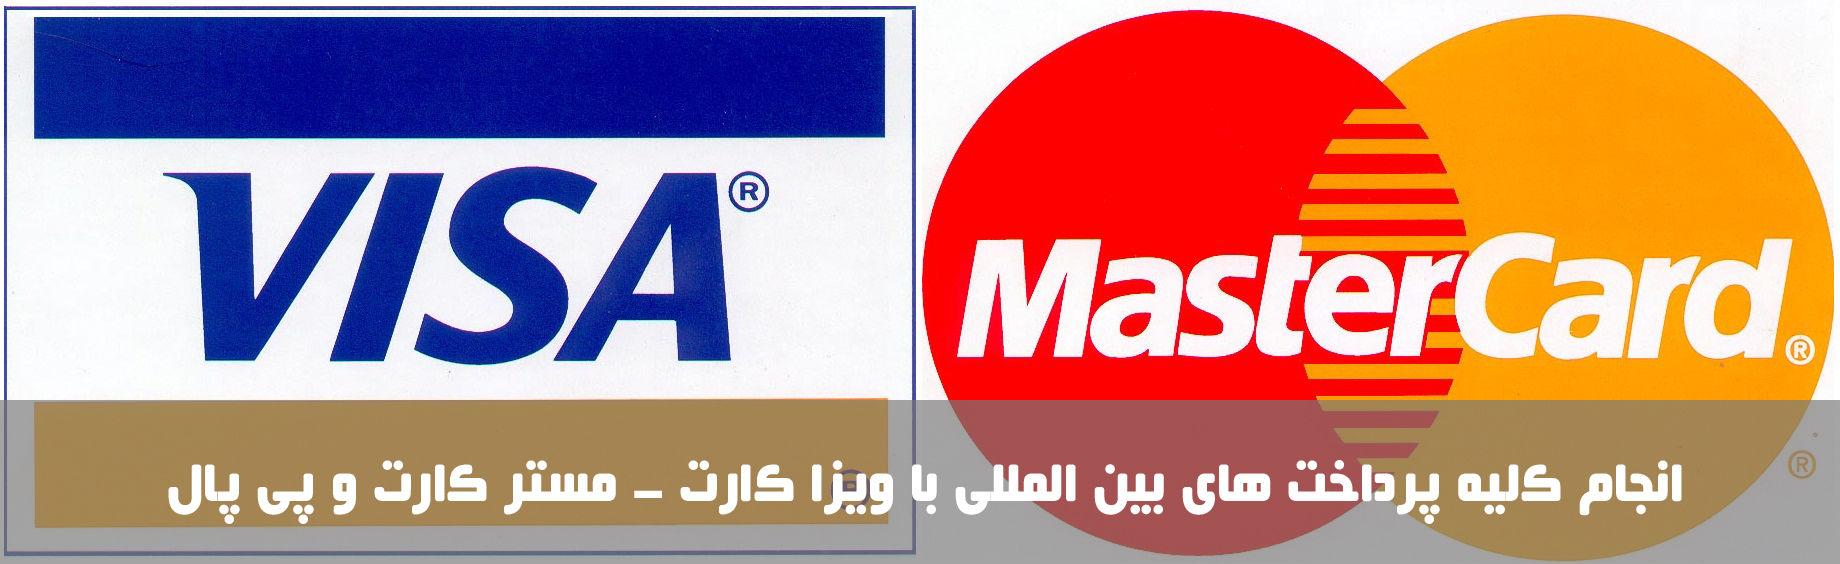 پرداخت هزینه های سفارت و ویزای استرالیا با کارت اعتباری